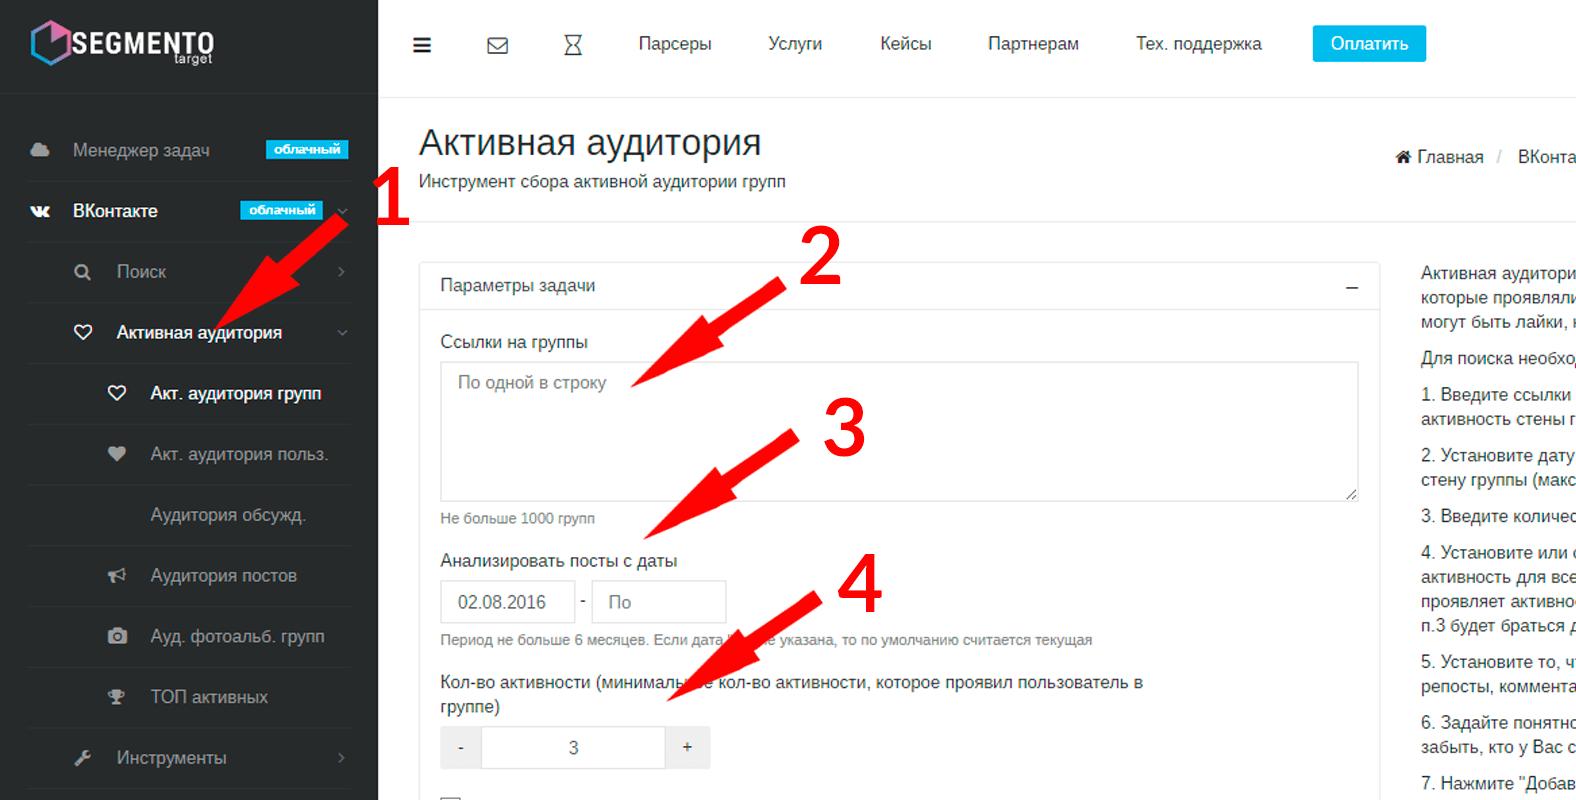 Сбор активной аудитории Вконтакте